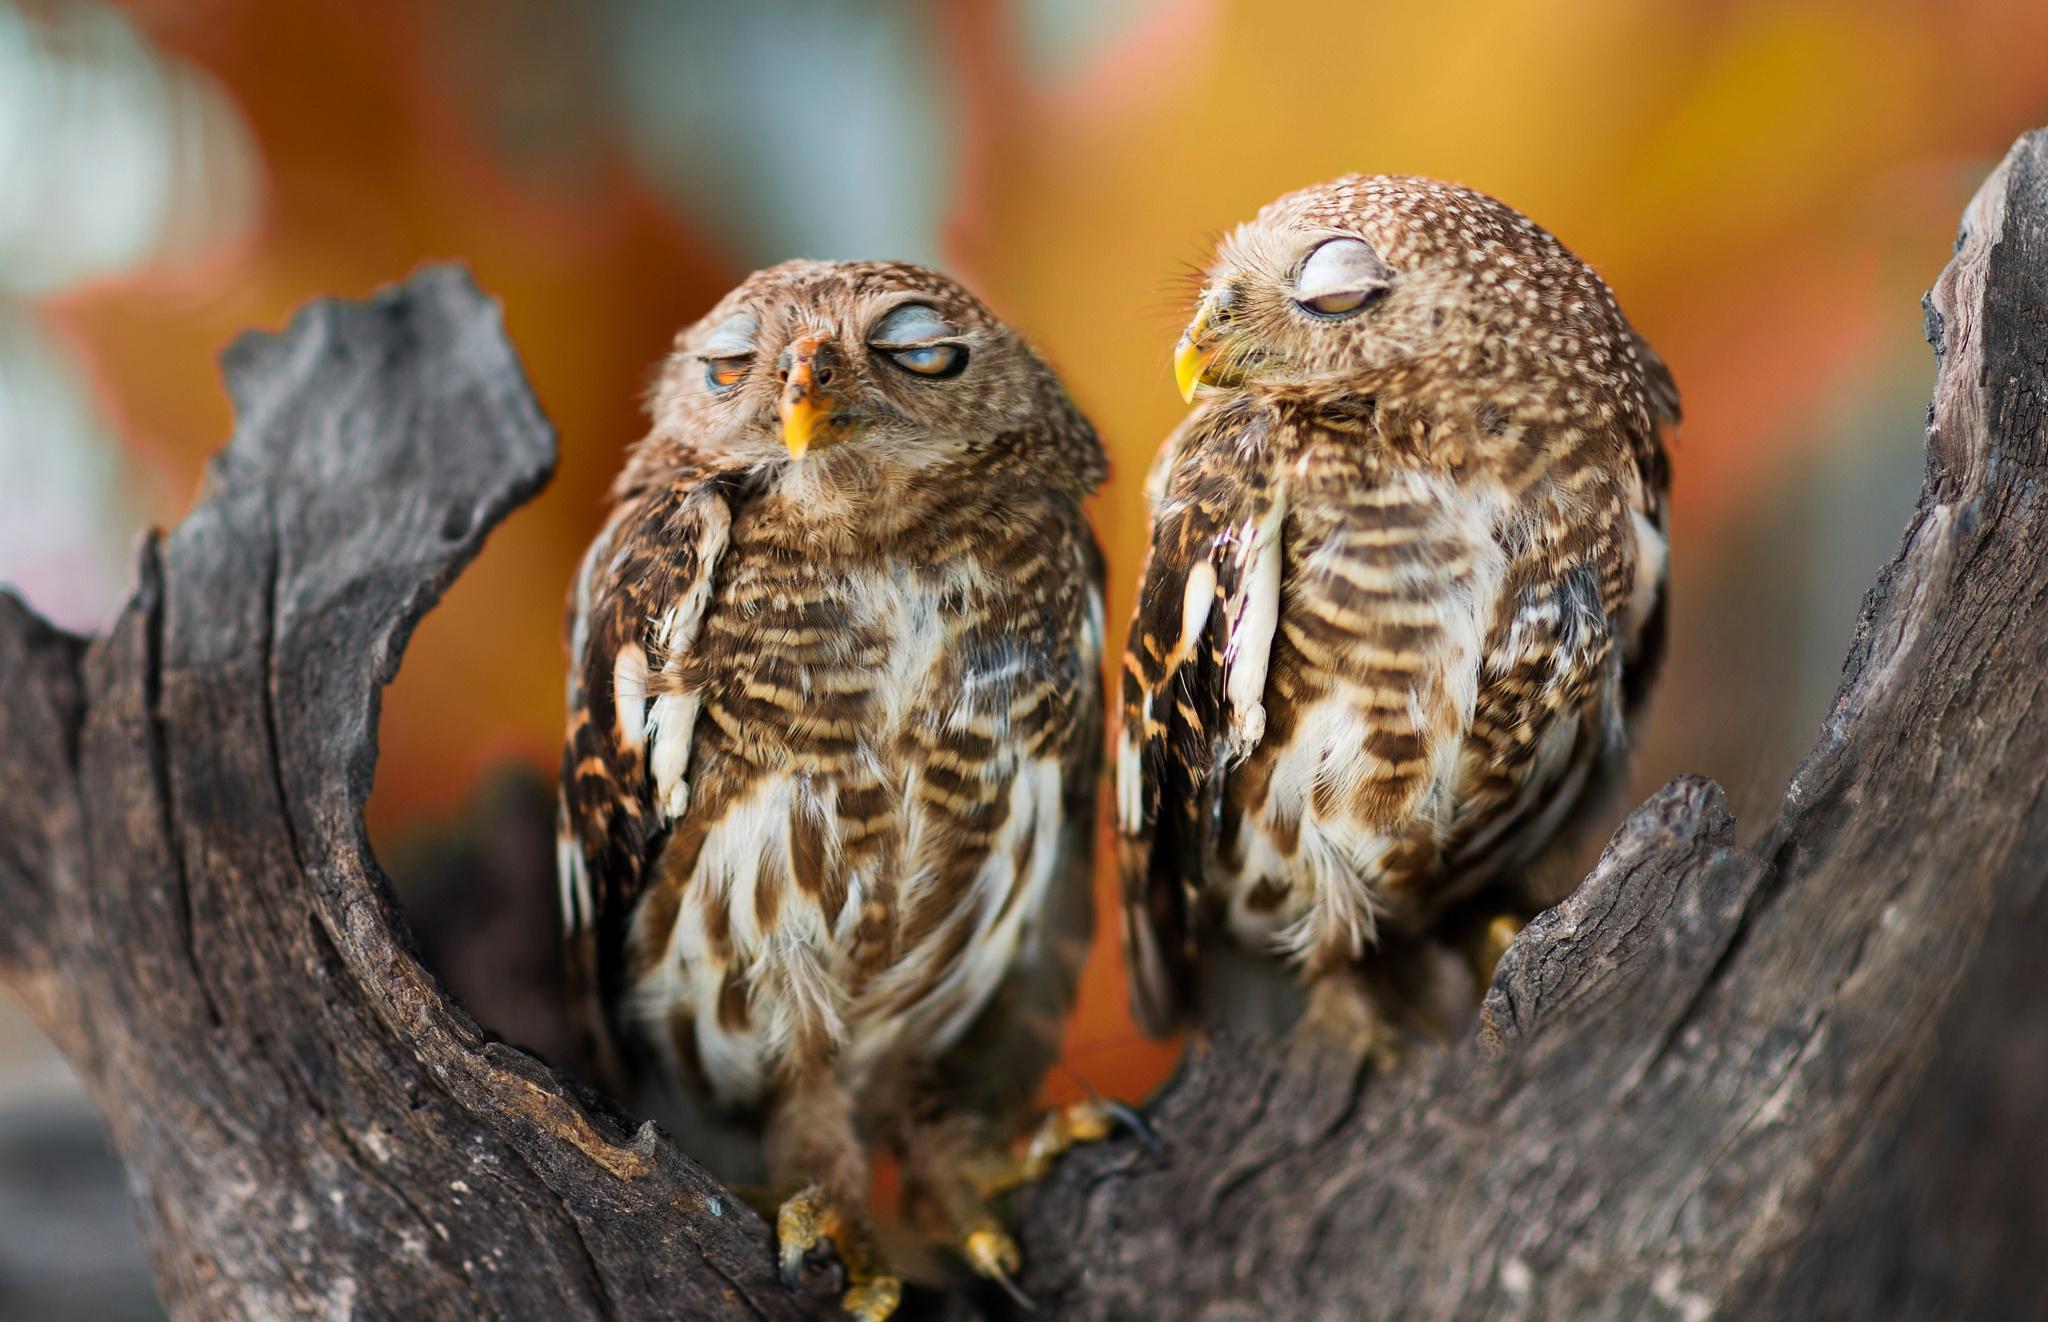 переодически нужно фото сонной совы намного удешевляет